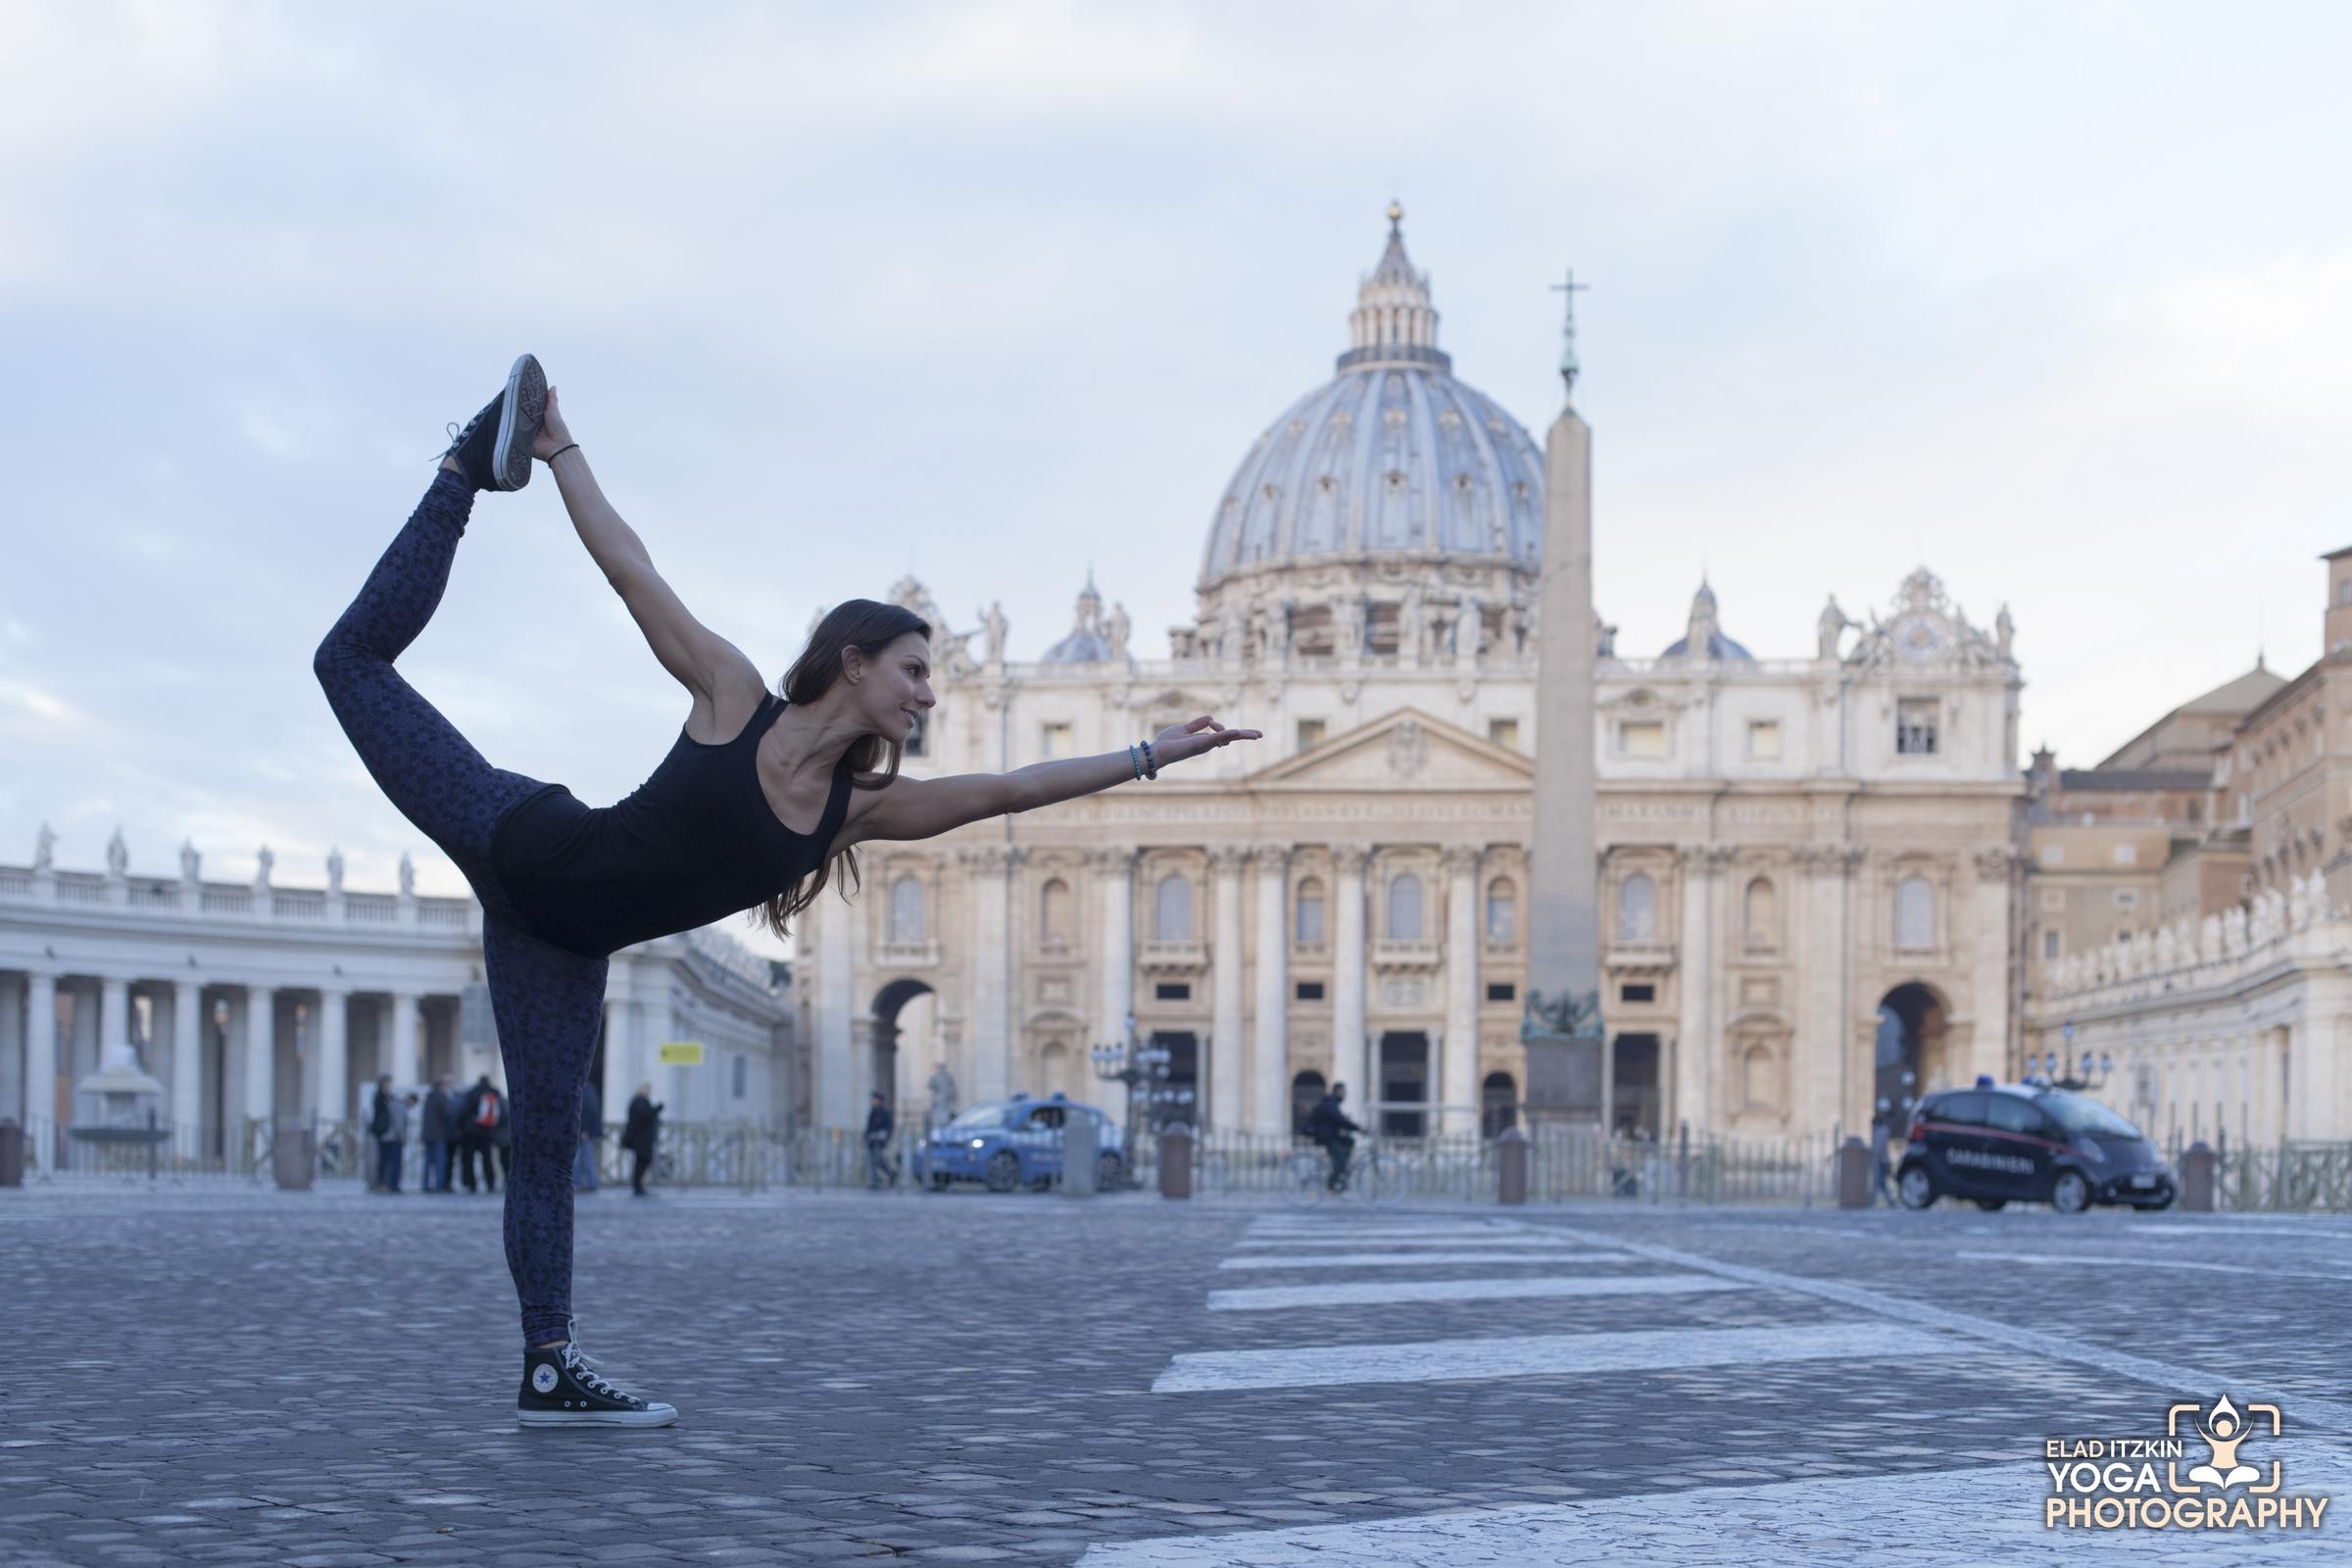 Jennifer Ursillo Yoga Photos, Rome, Italy - Elad Itzkin Yoga Photography